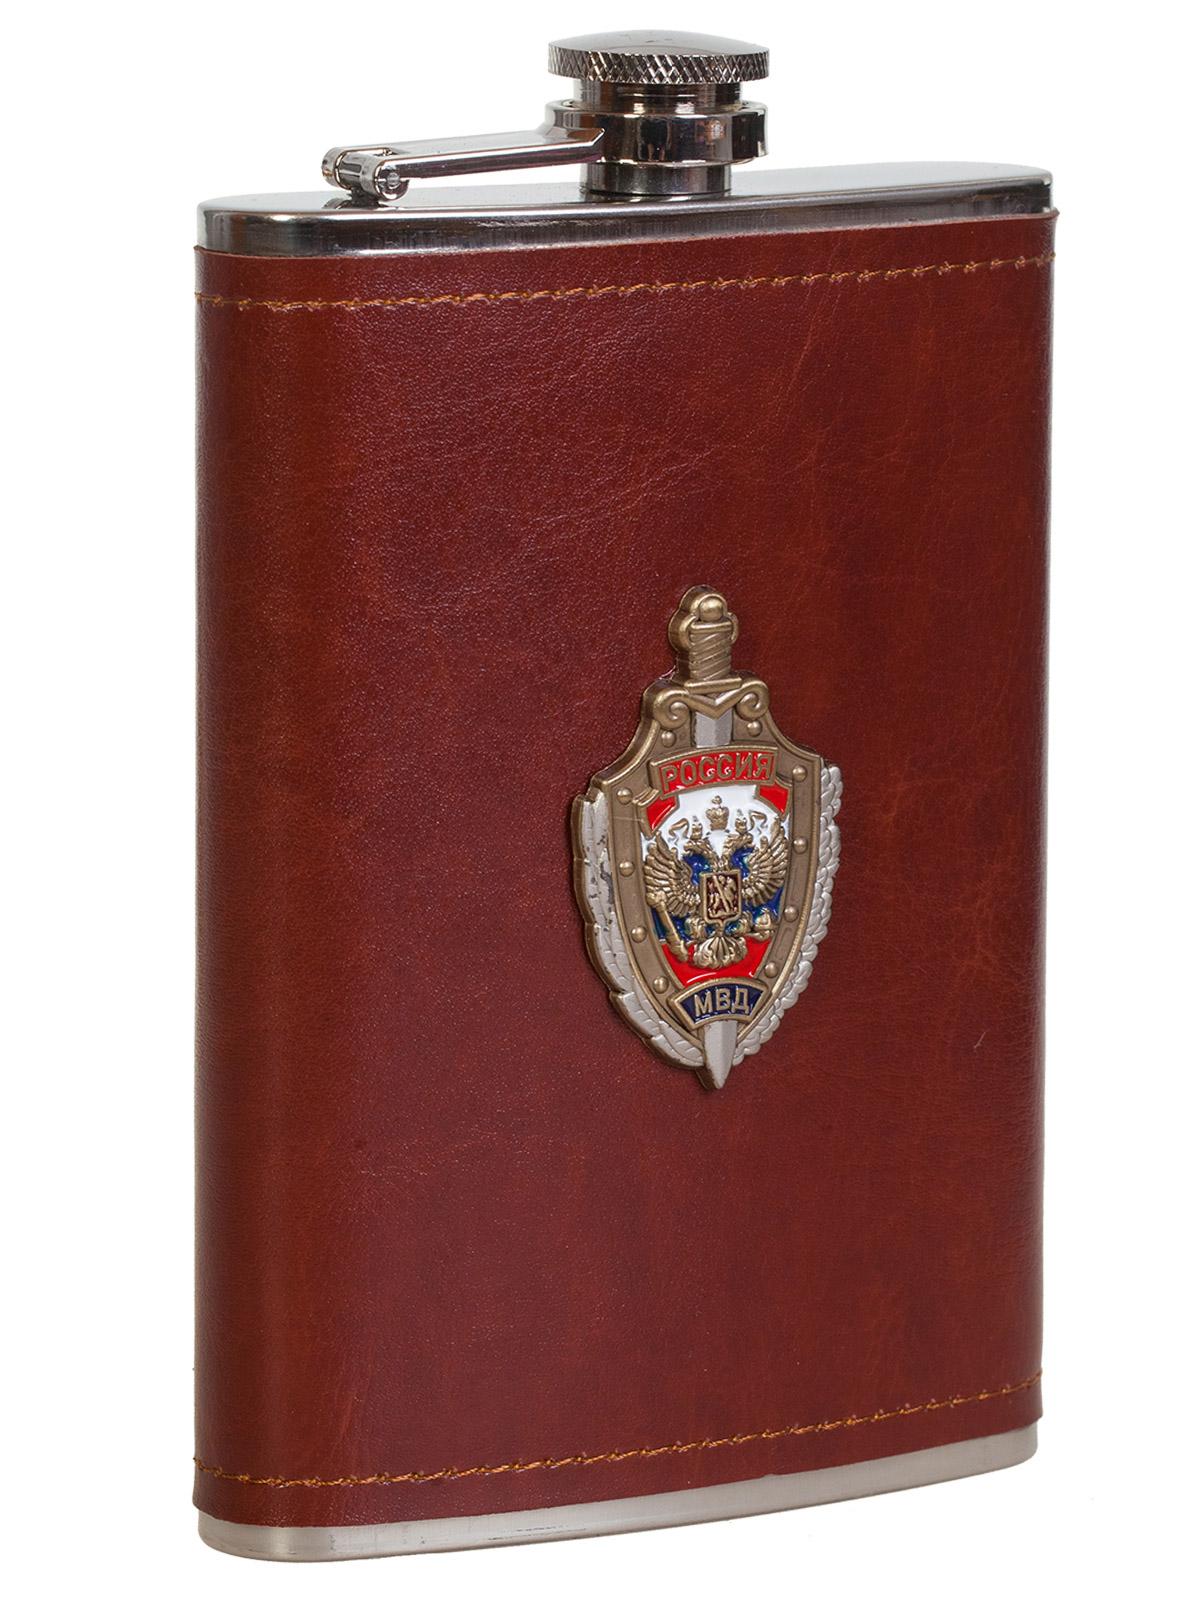 Купить карманную фляжку в кожаном чехле с накладкой МВД России в подарок мужу